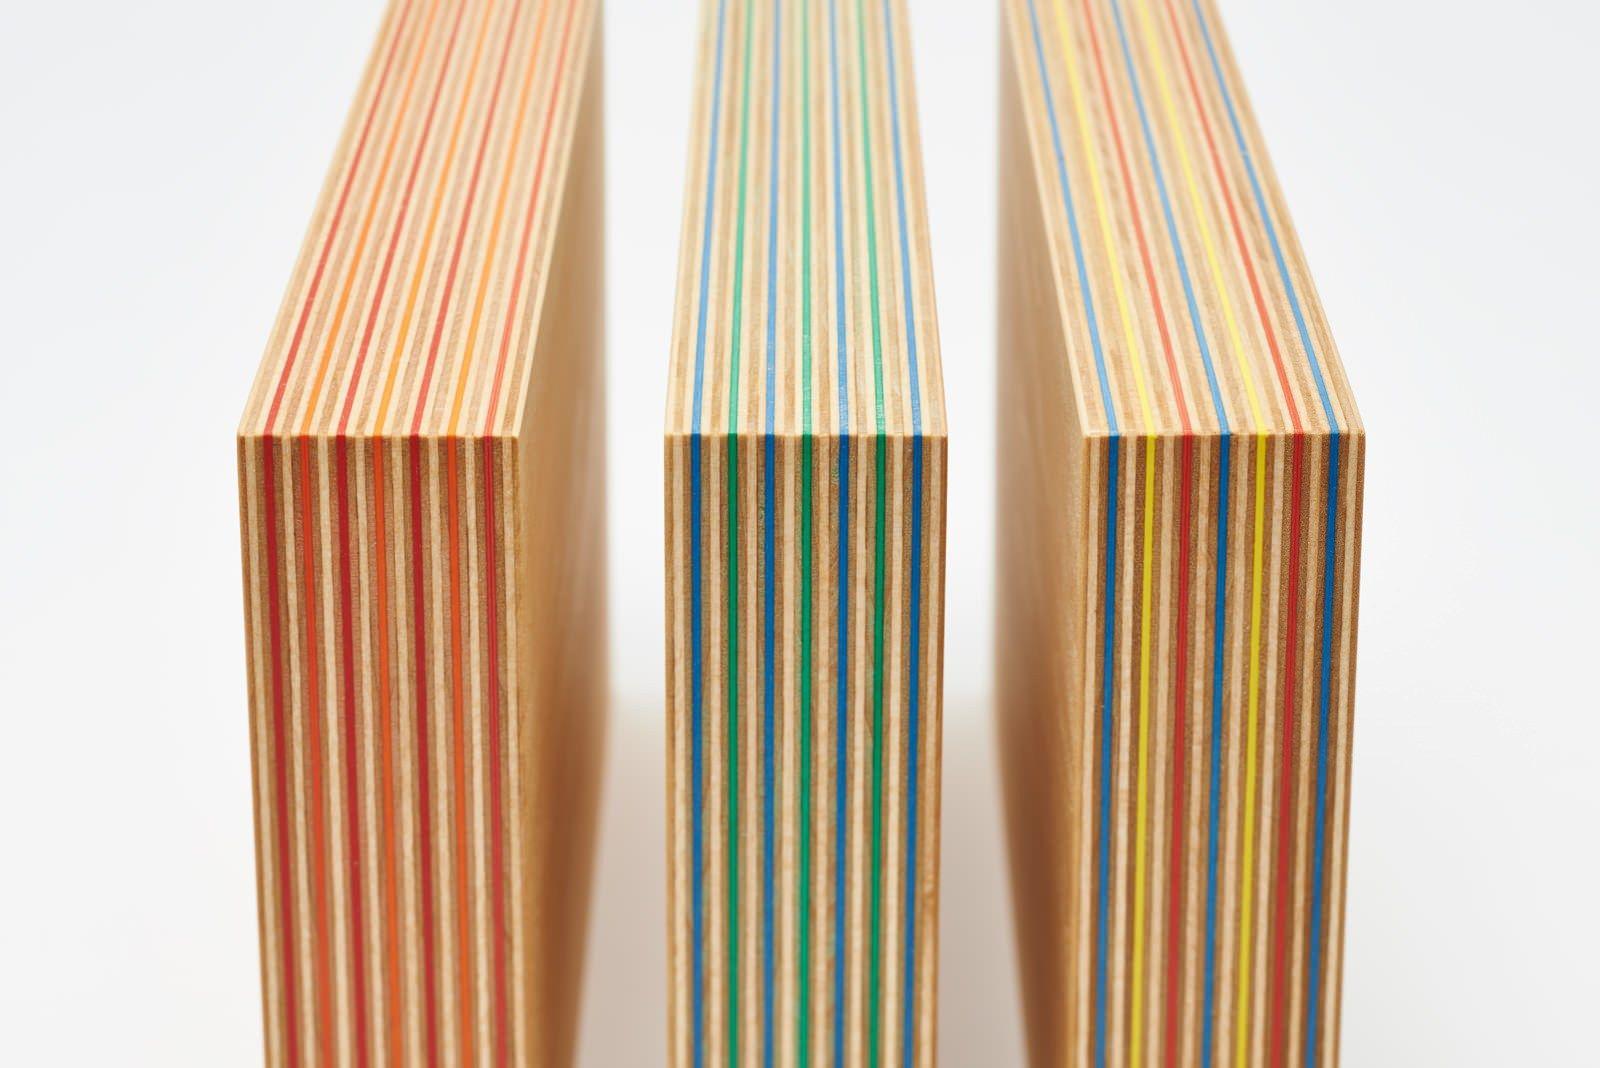 2019的Takizawa plywood veneer, Paper Wood, with integrated